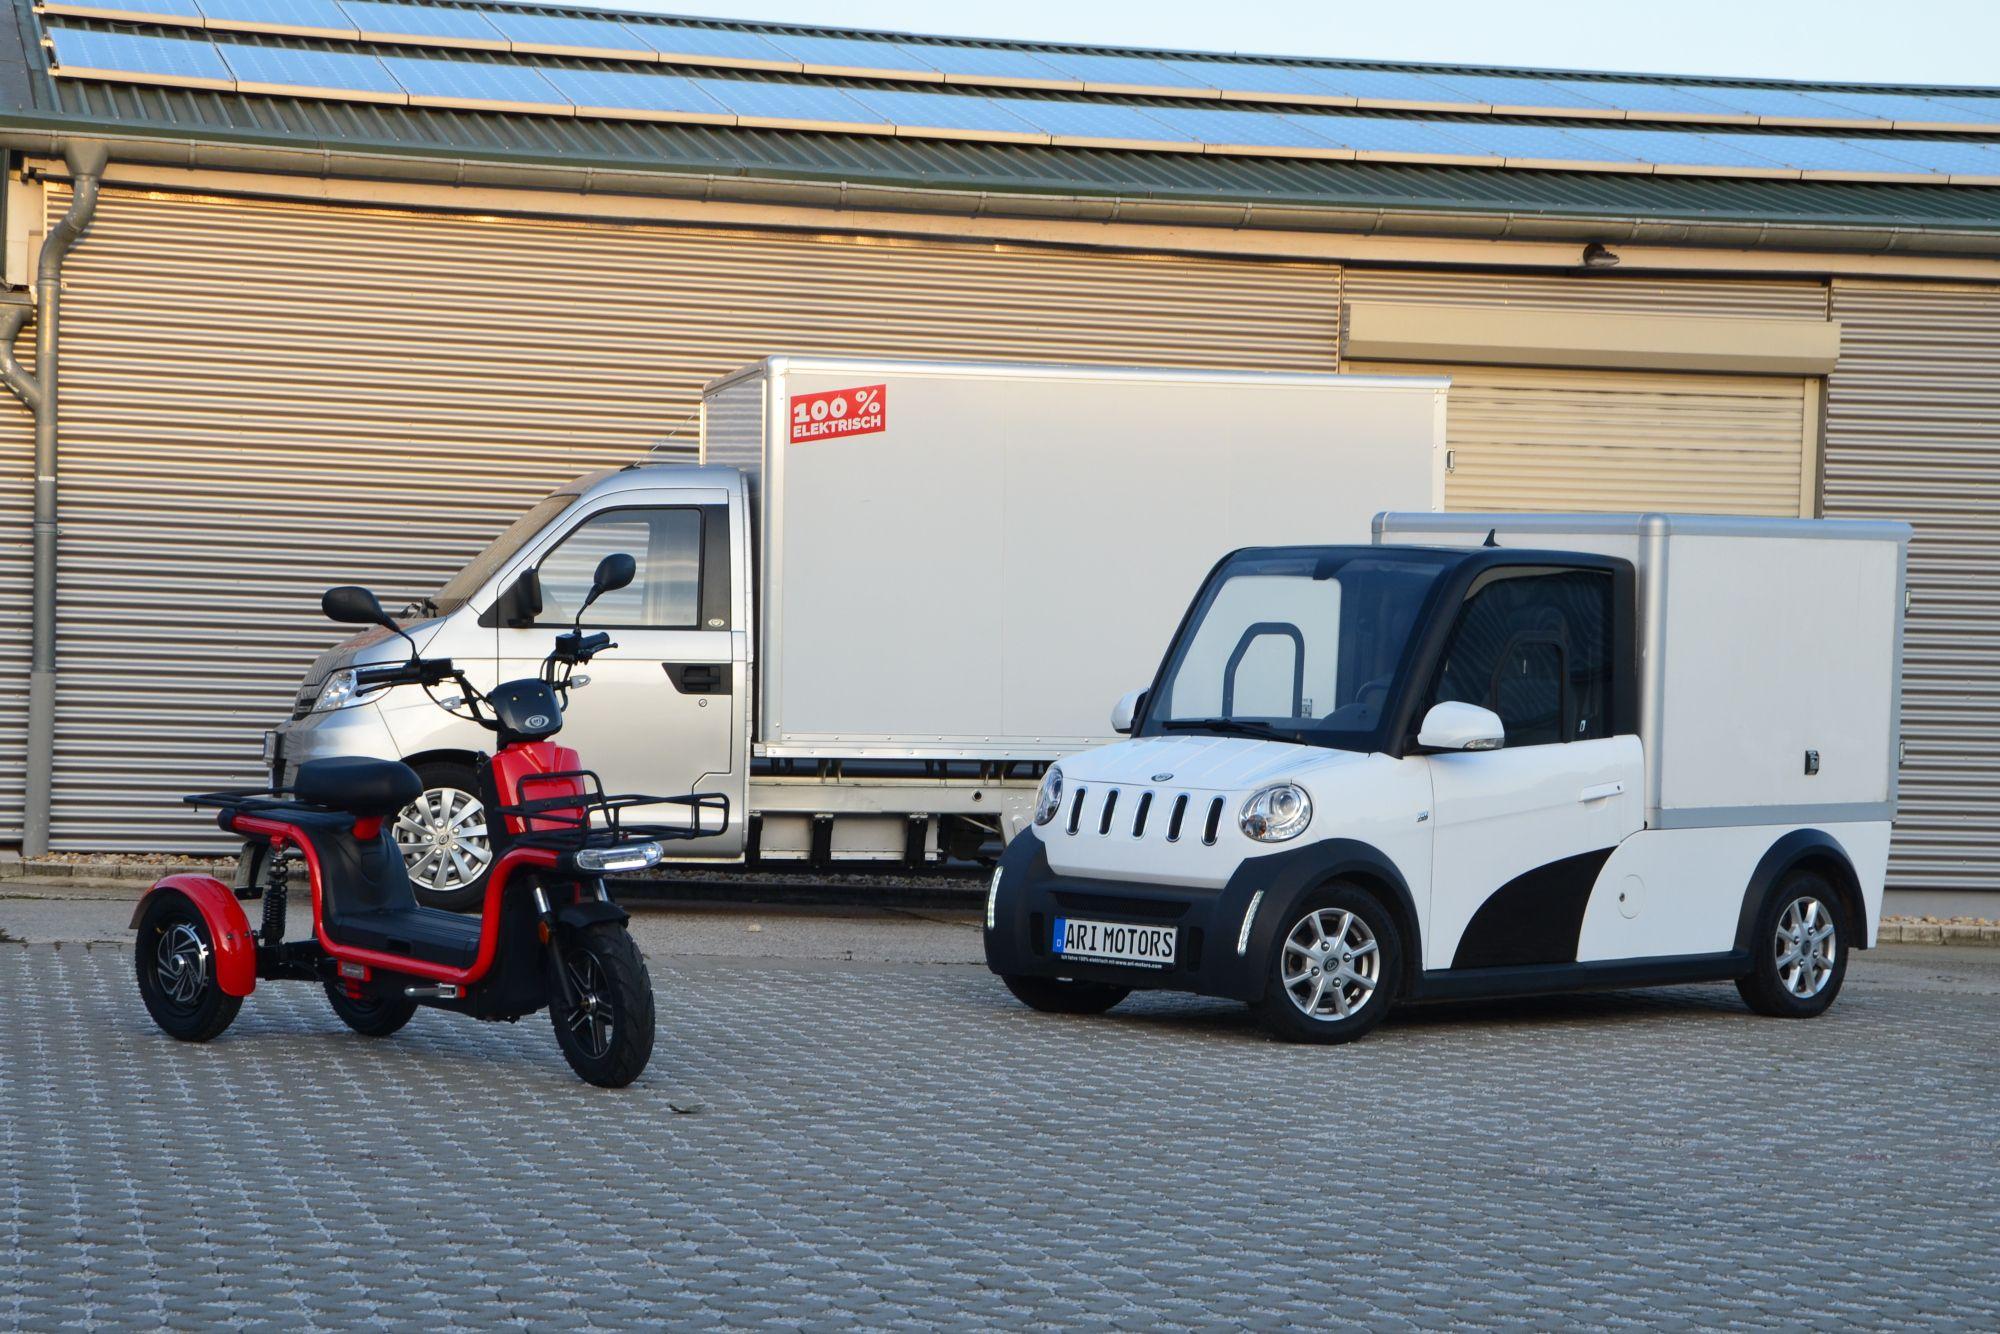 über welche Sicherheitselemente verfügen die ARI Motors Elektrofahrzeuge